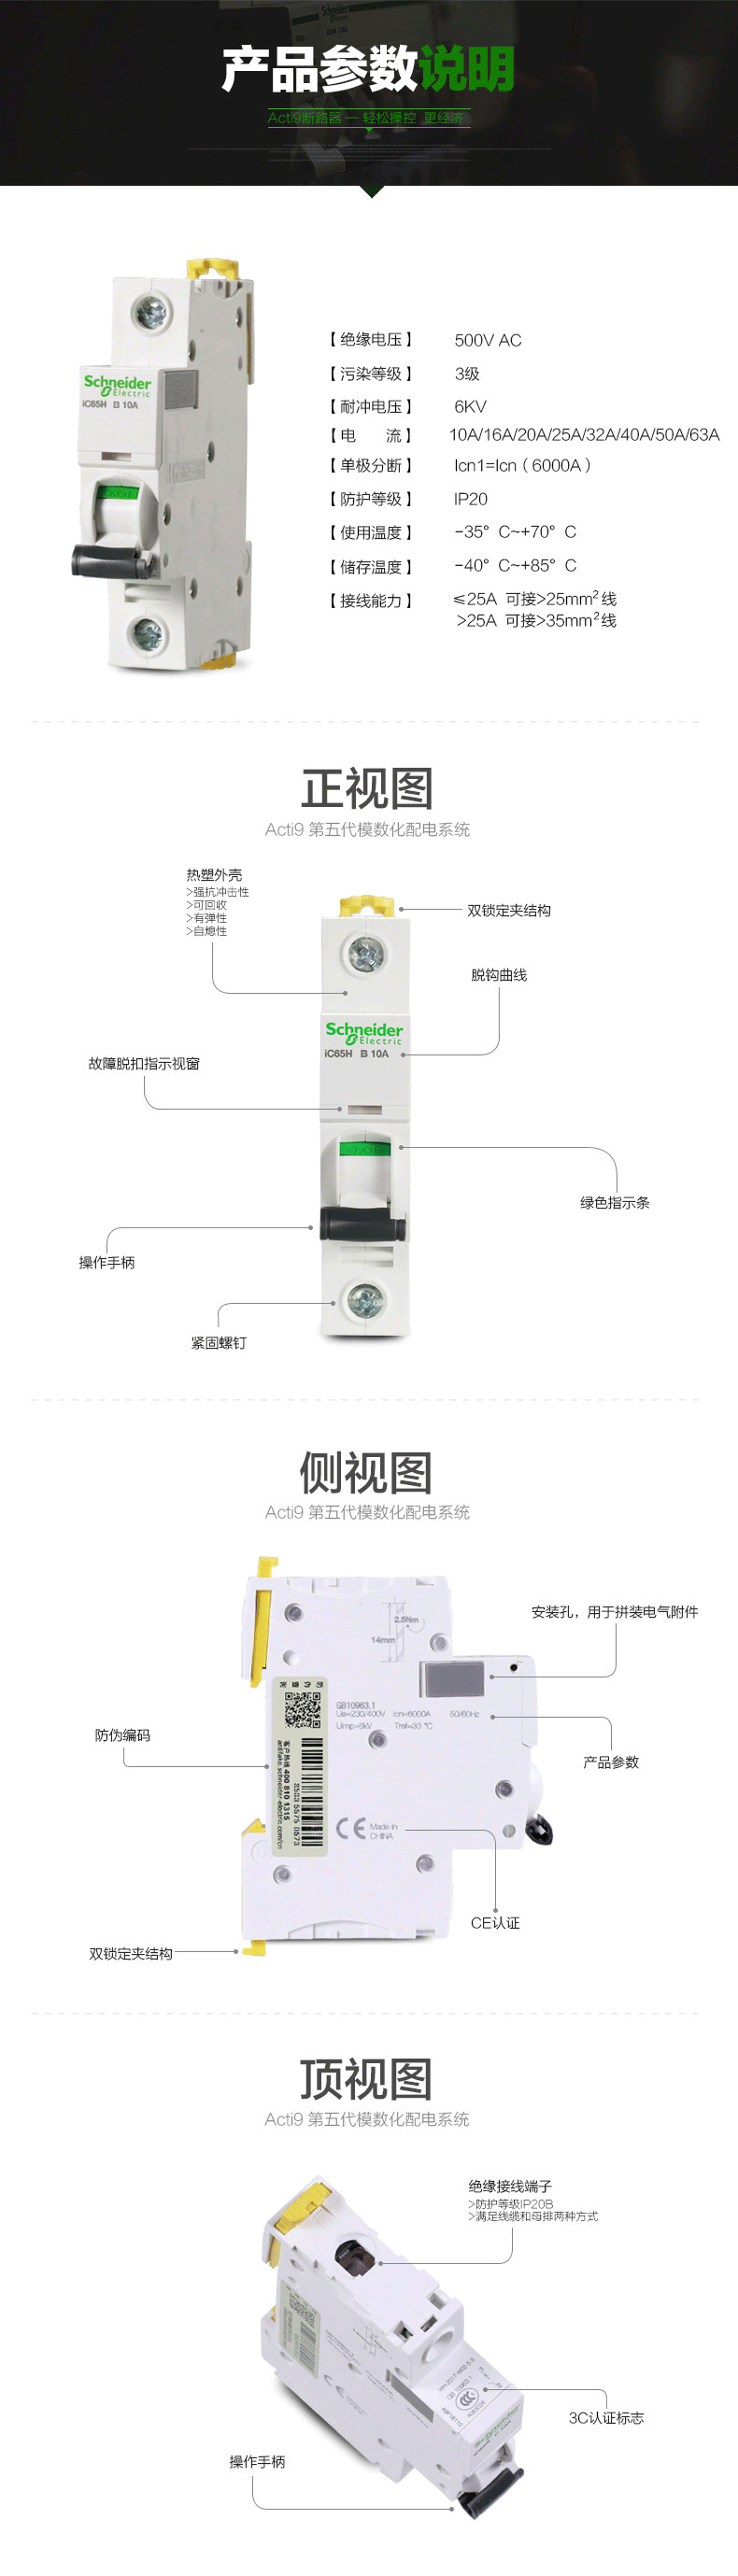 施耐德Schneider 小型断路器 微型空气开关  iC65H 1P C 10A 16A产品实拍